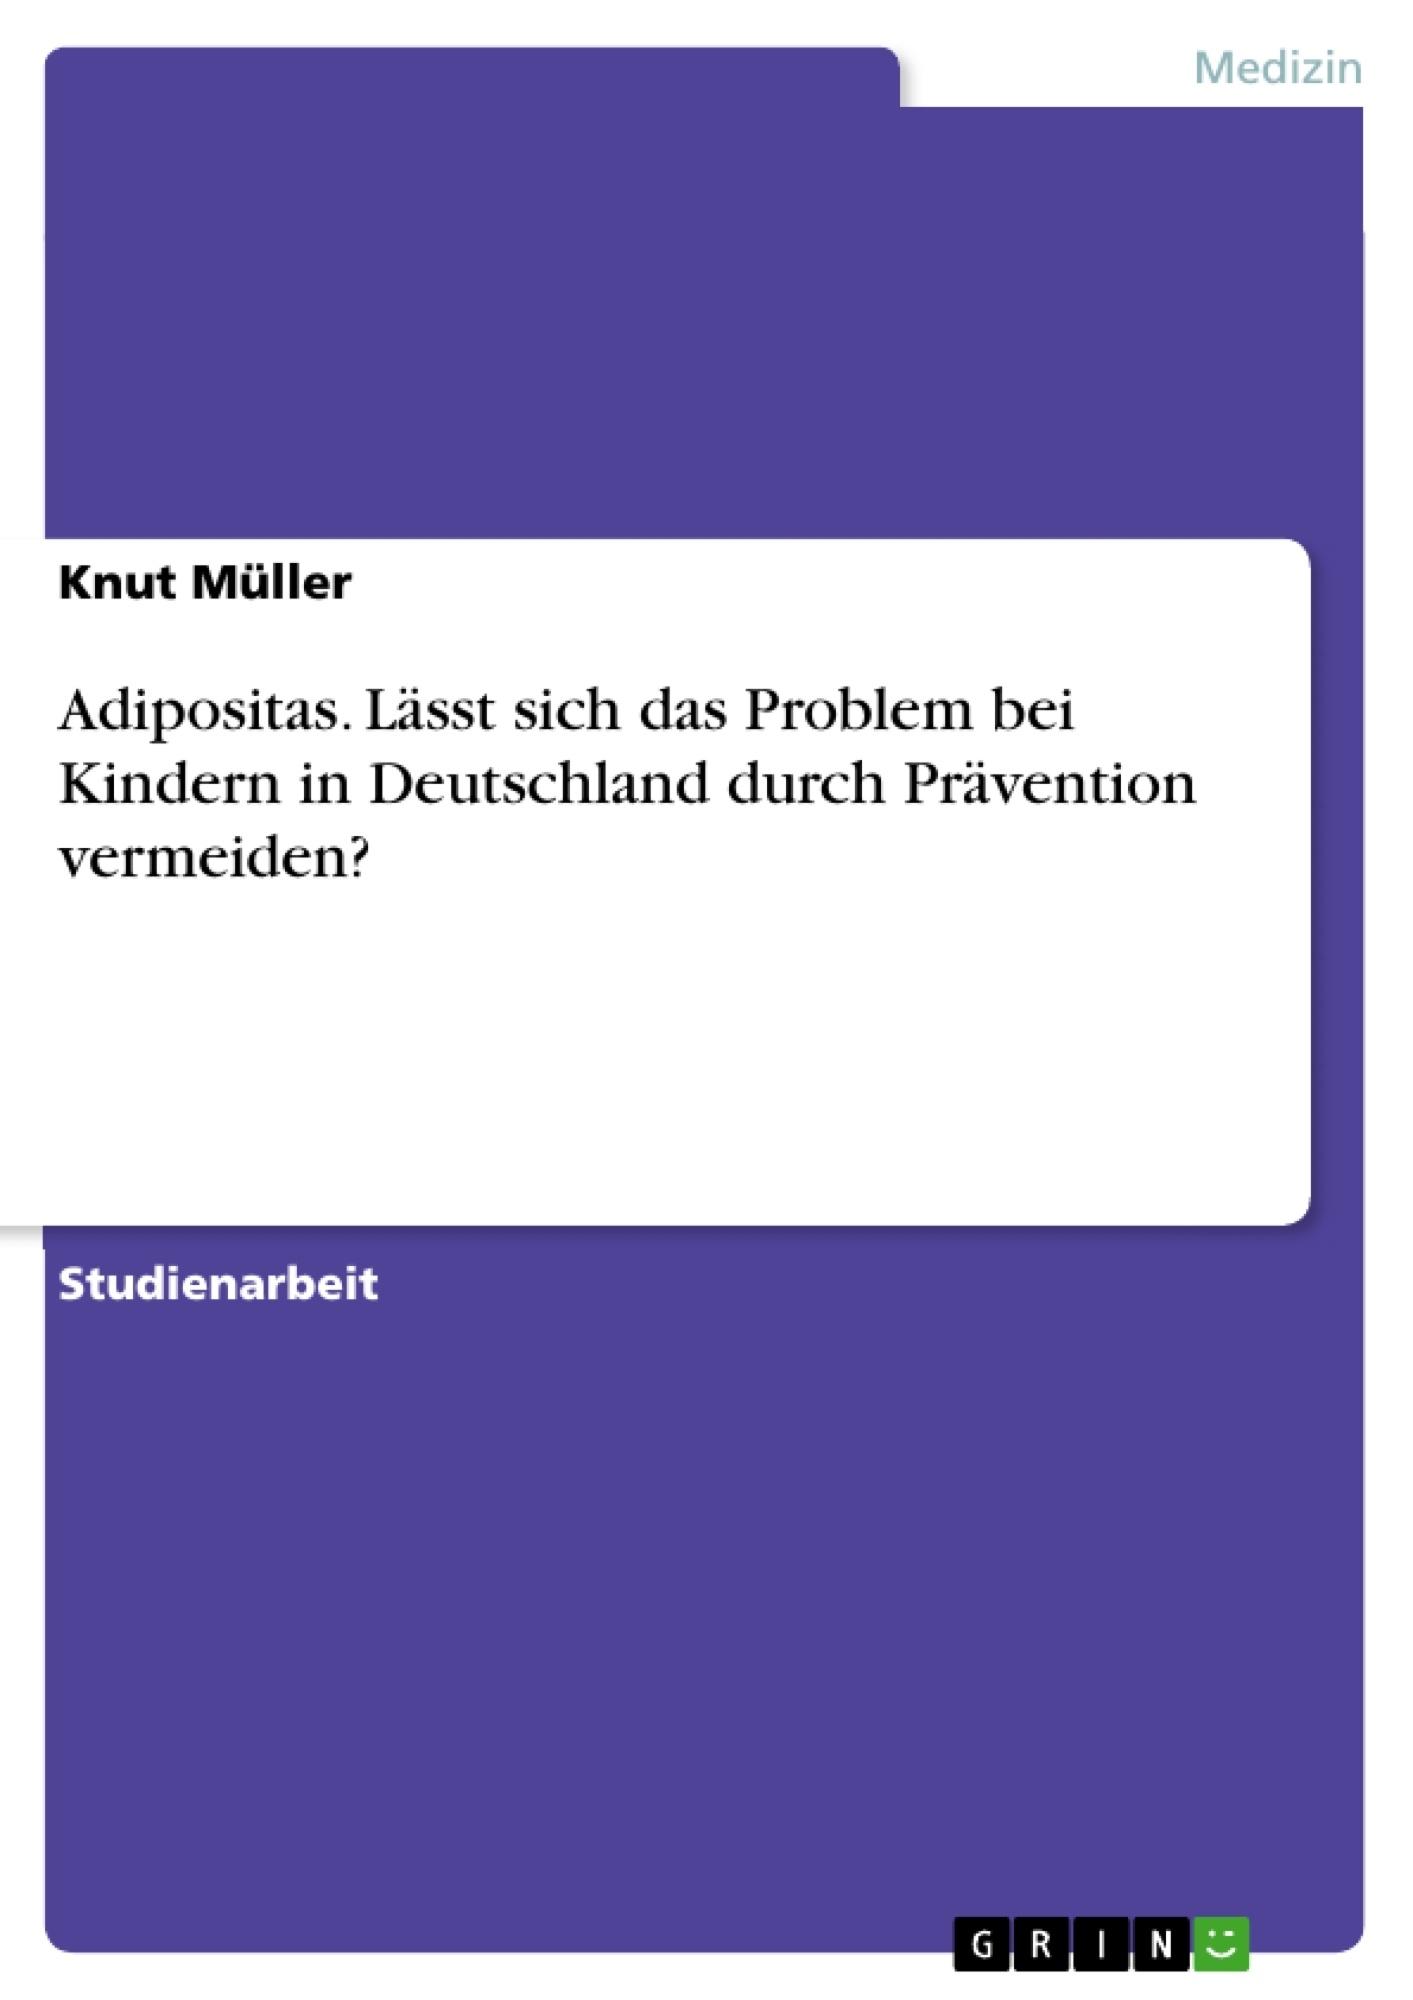 Titel: Adipositas. Lässt sich das Problem bei Kindern in Deutschland durch Prävention vermeiden?